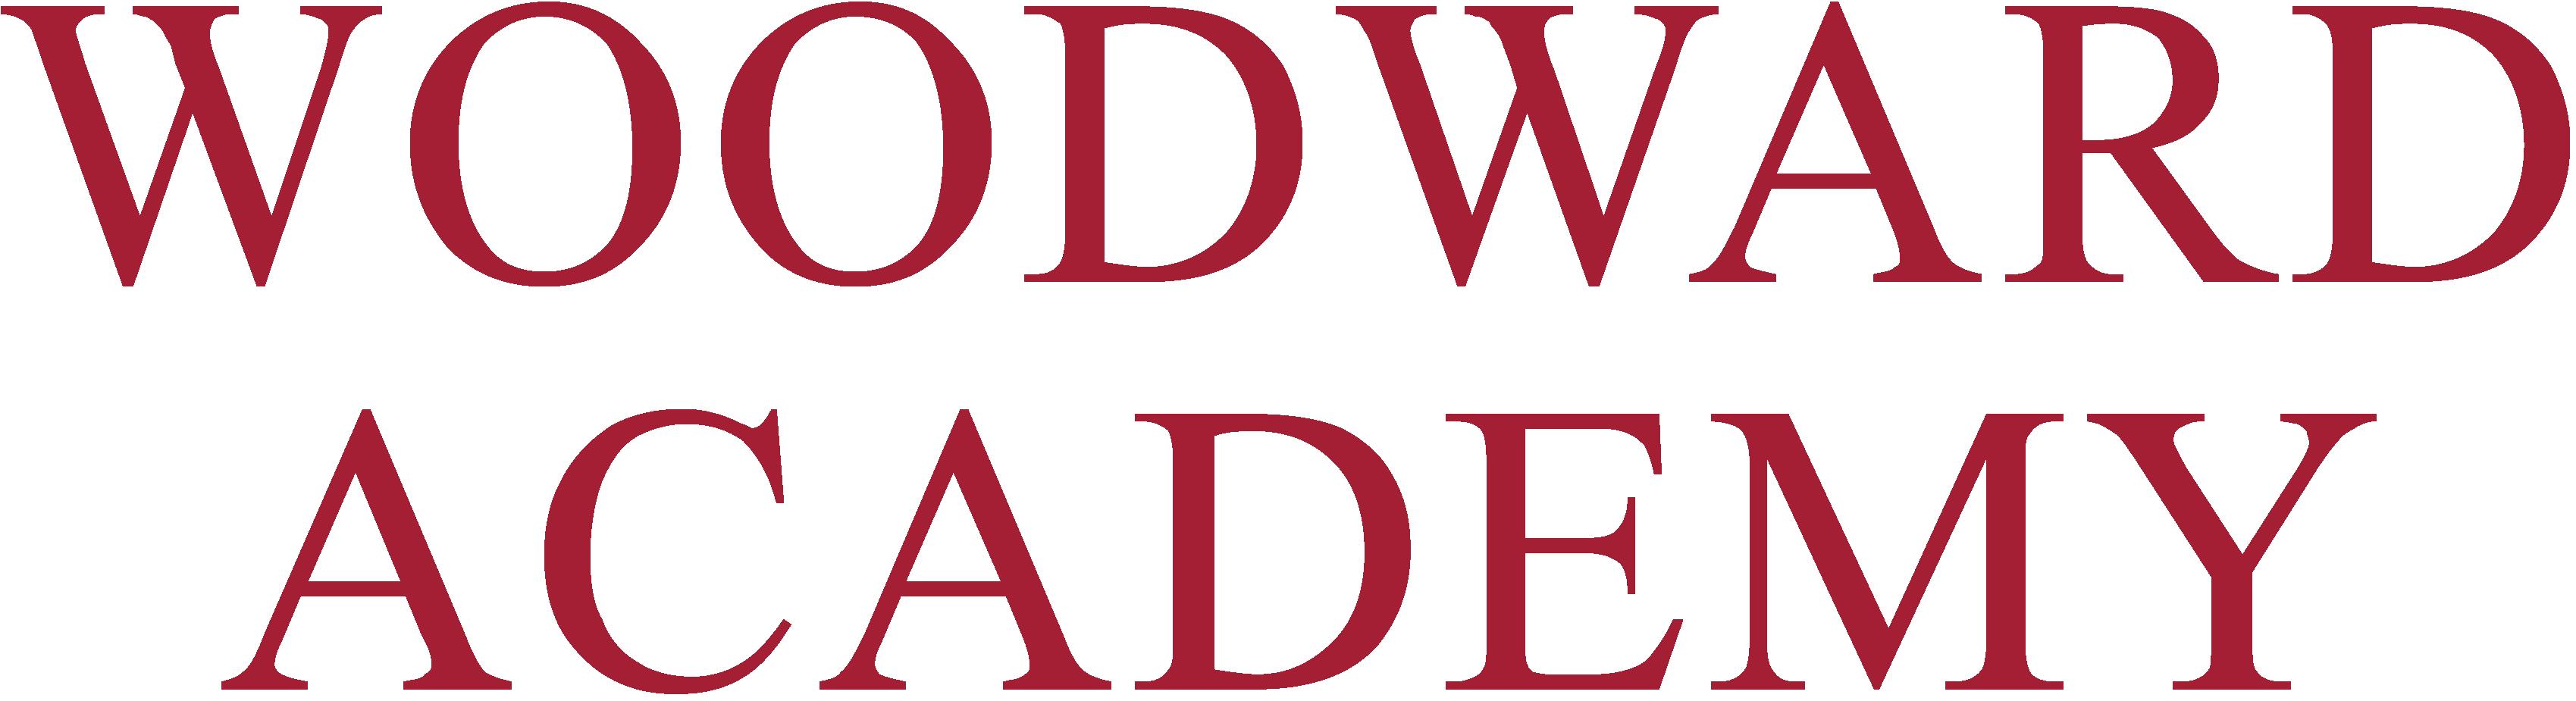 Woodward Academy